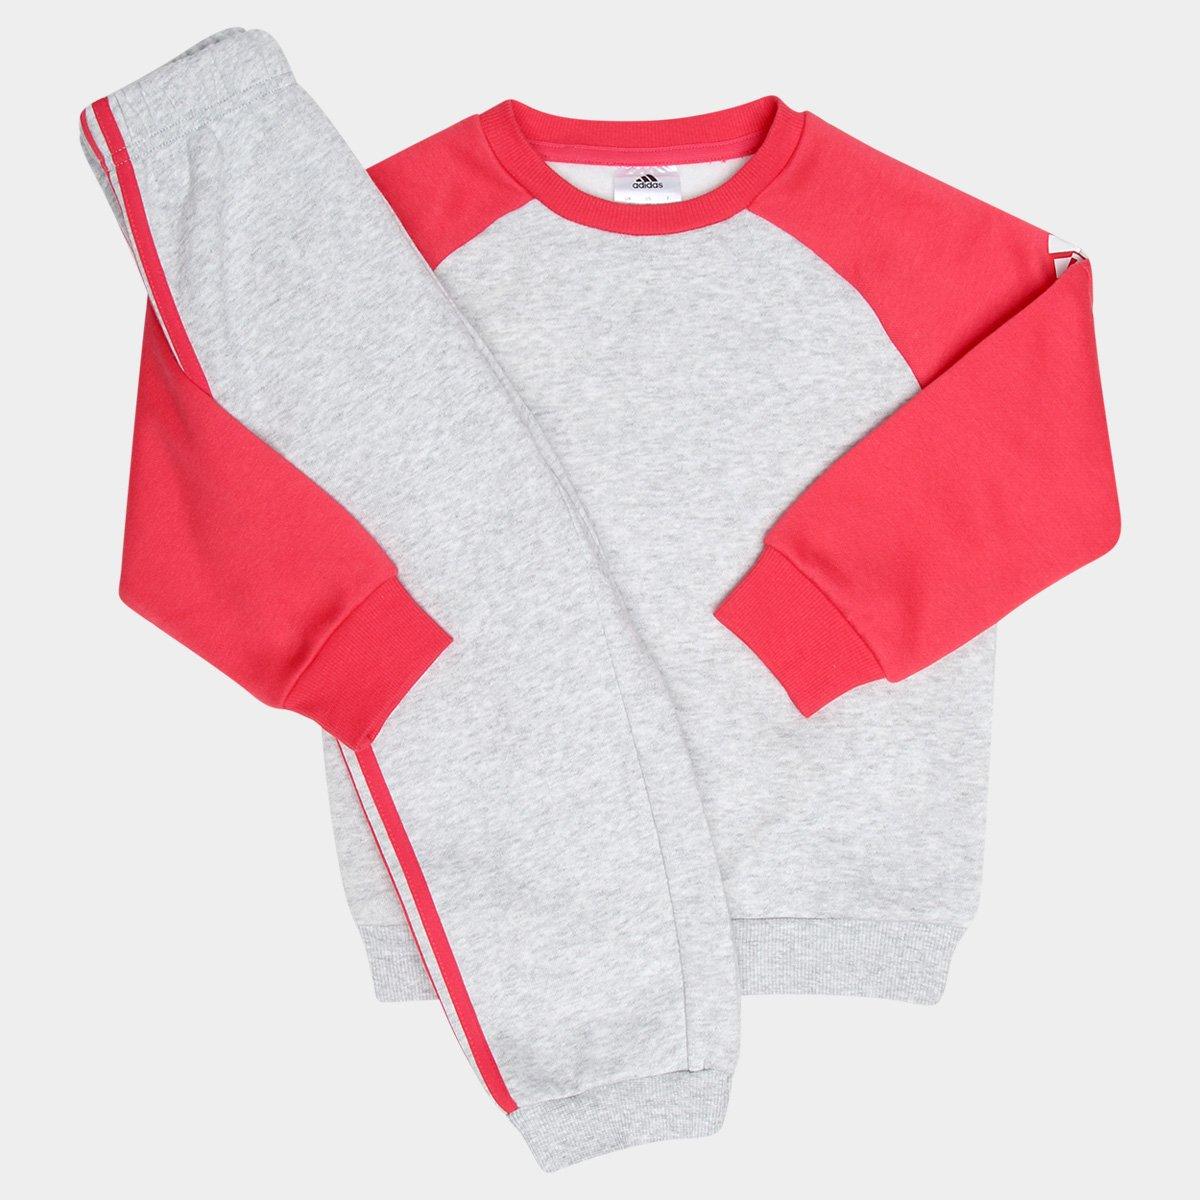 15c0aeca72568 Conjunto de Moletom Infantil Adidas Baby - Cinza e Pink - Compre Agora